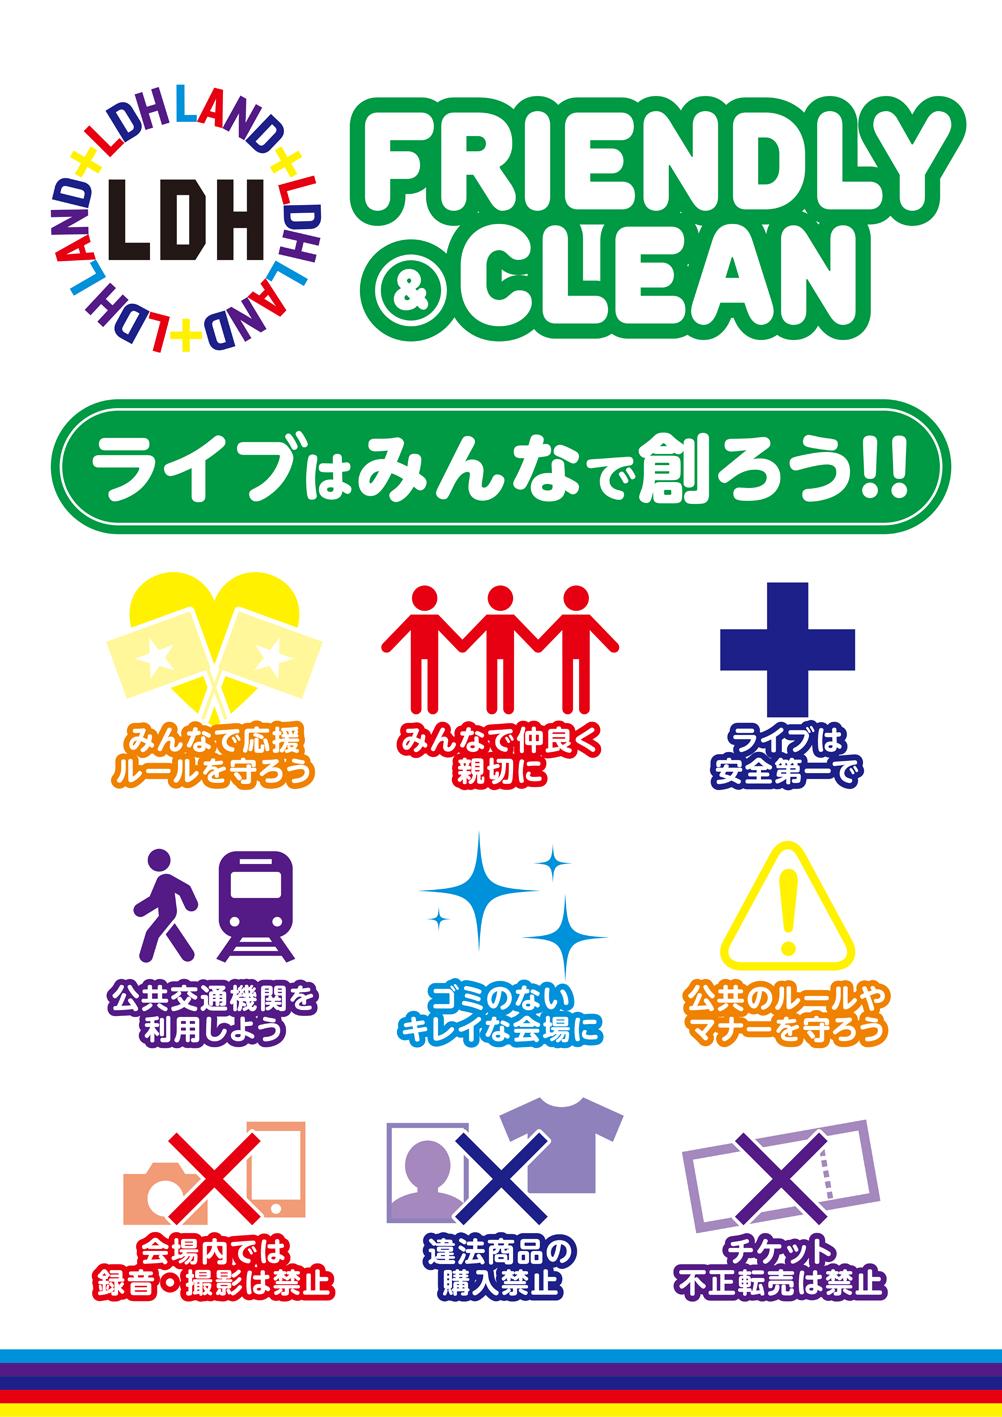 LDH LAND FRIENDLY & CLEAN